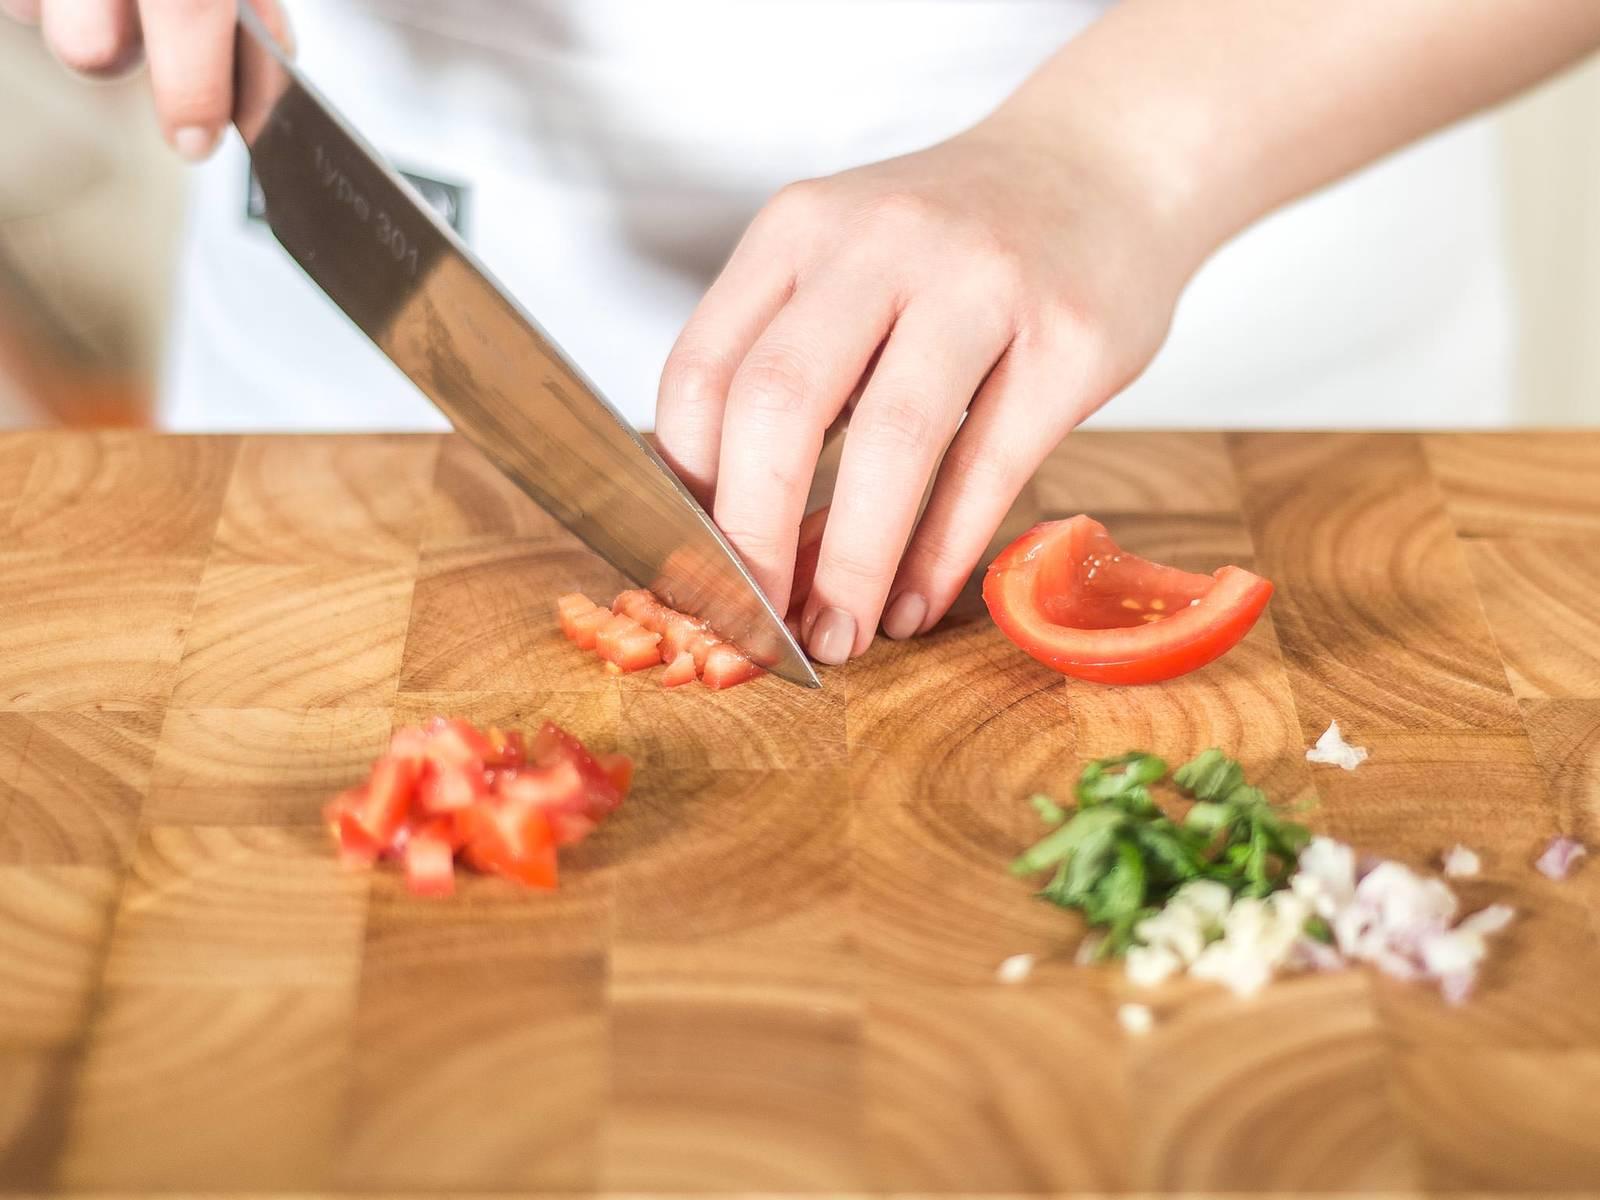 Für die Bruschetta-Crostini Knoblauch und Schalotten fein würfeln sowie das Basilikum in feine Streifen schneiden. Anschließend die Tomaten vierteln, das Kerngehäuse entfernen und ebenso in Würfel schneiden.